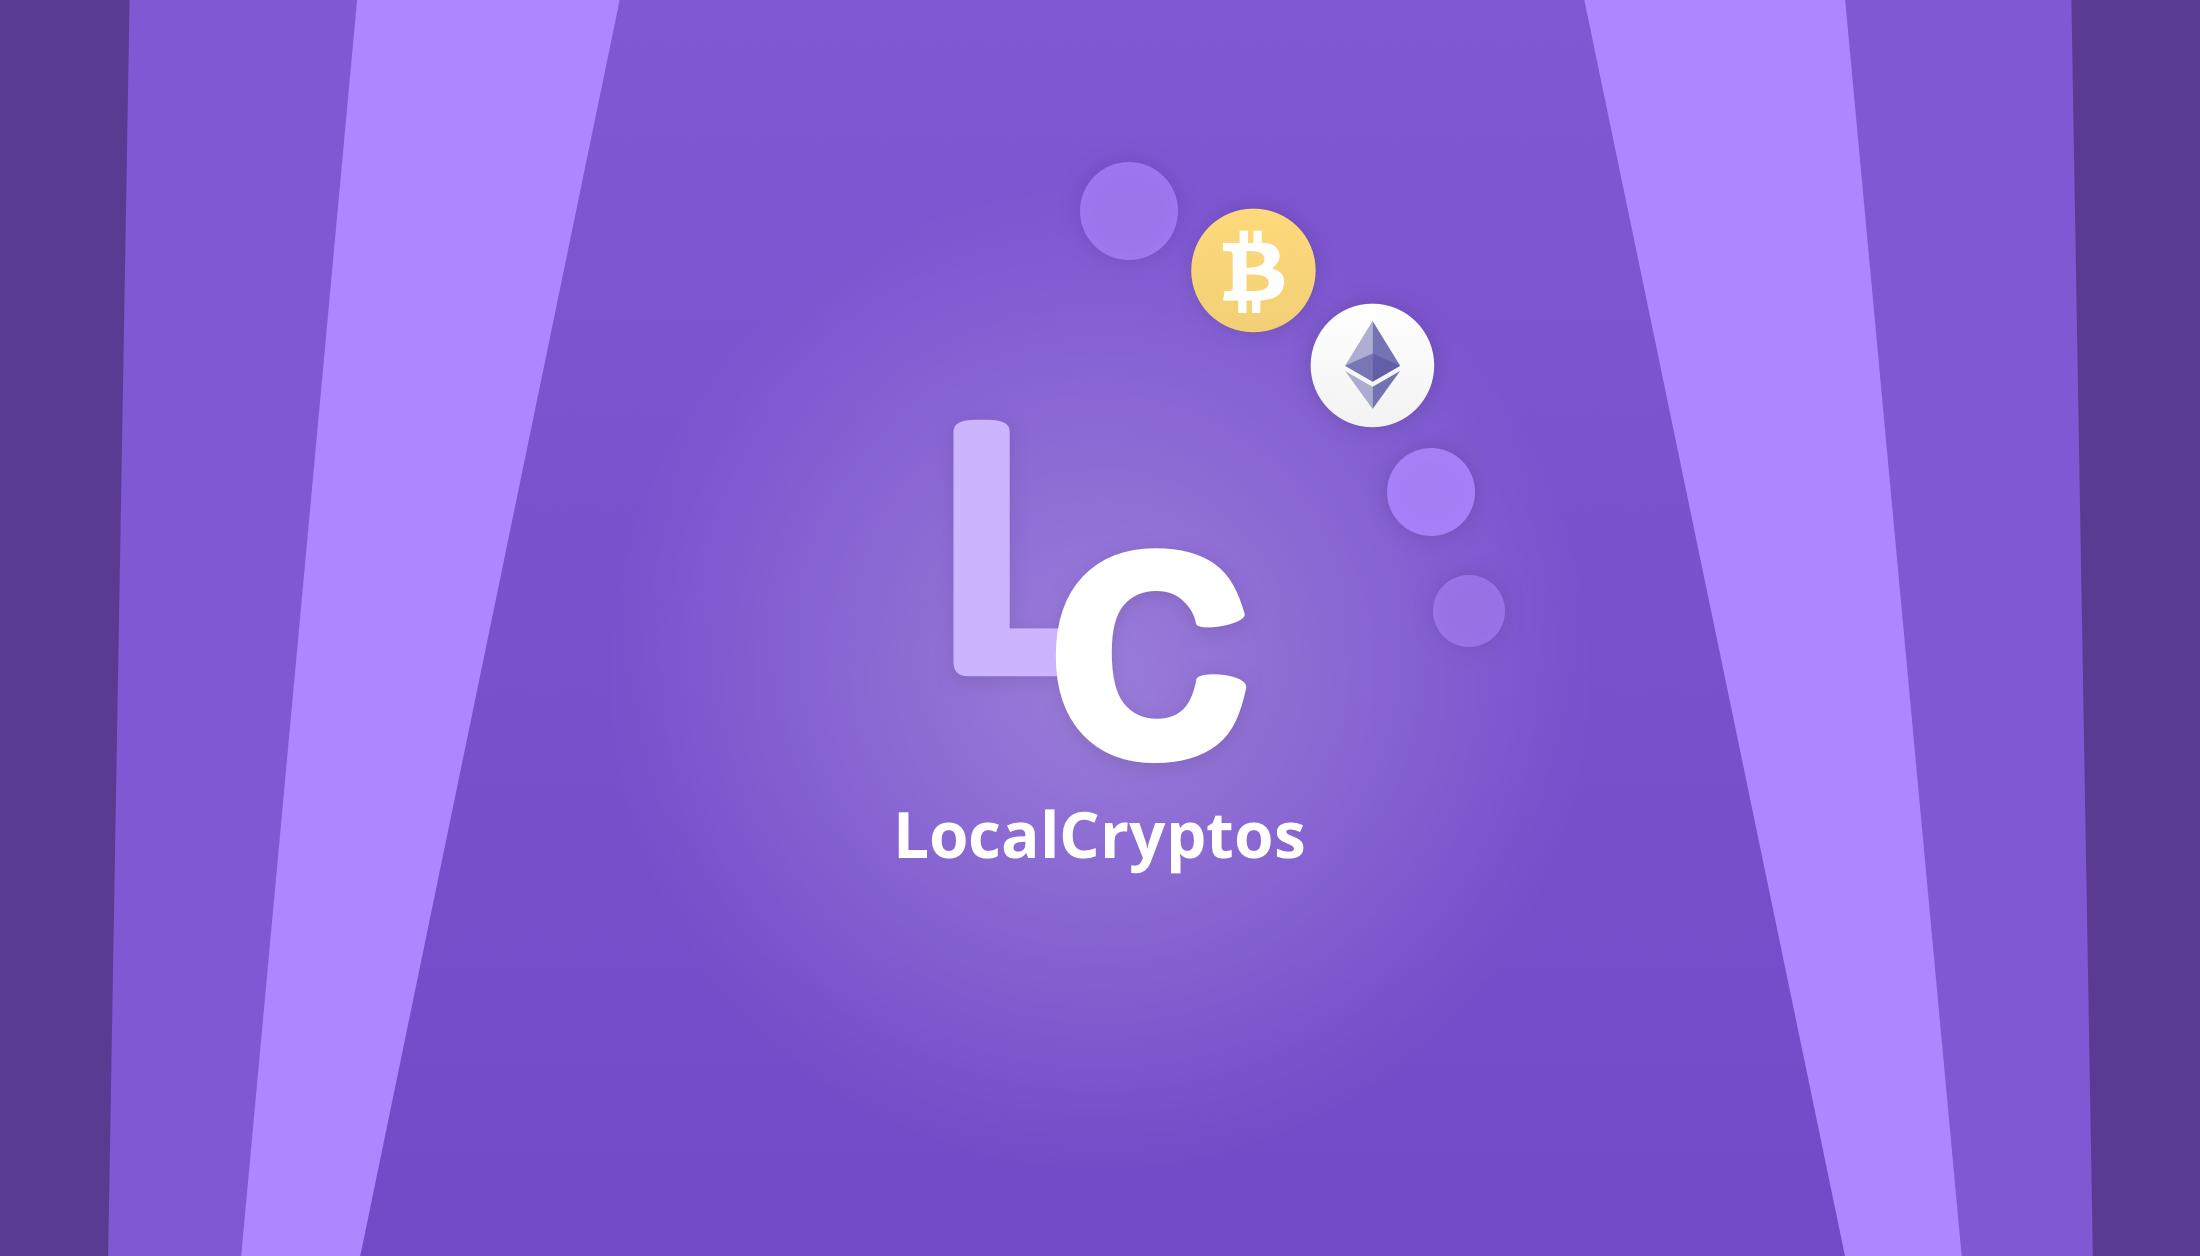 Plataforma de comercio criptográfico LocalEthereum se convierte en LocalCryptos y agrega soporte para Bitcoin